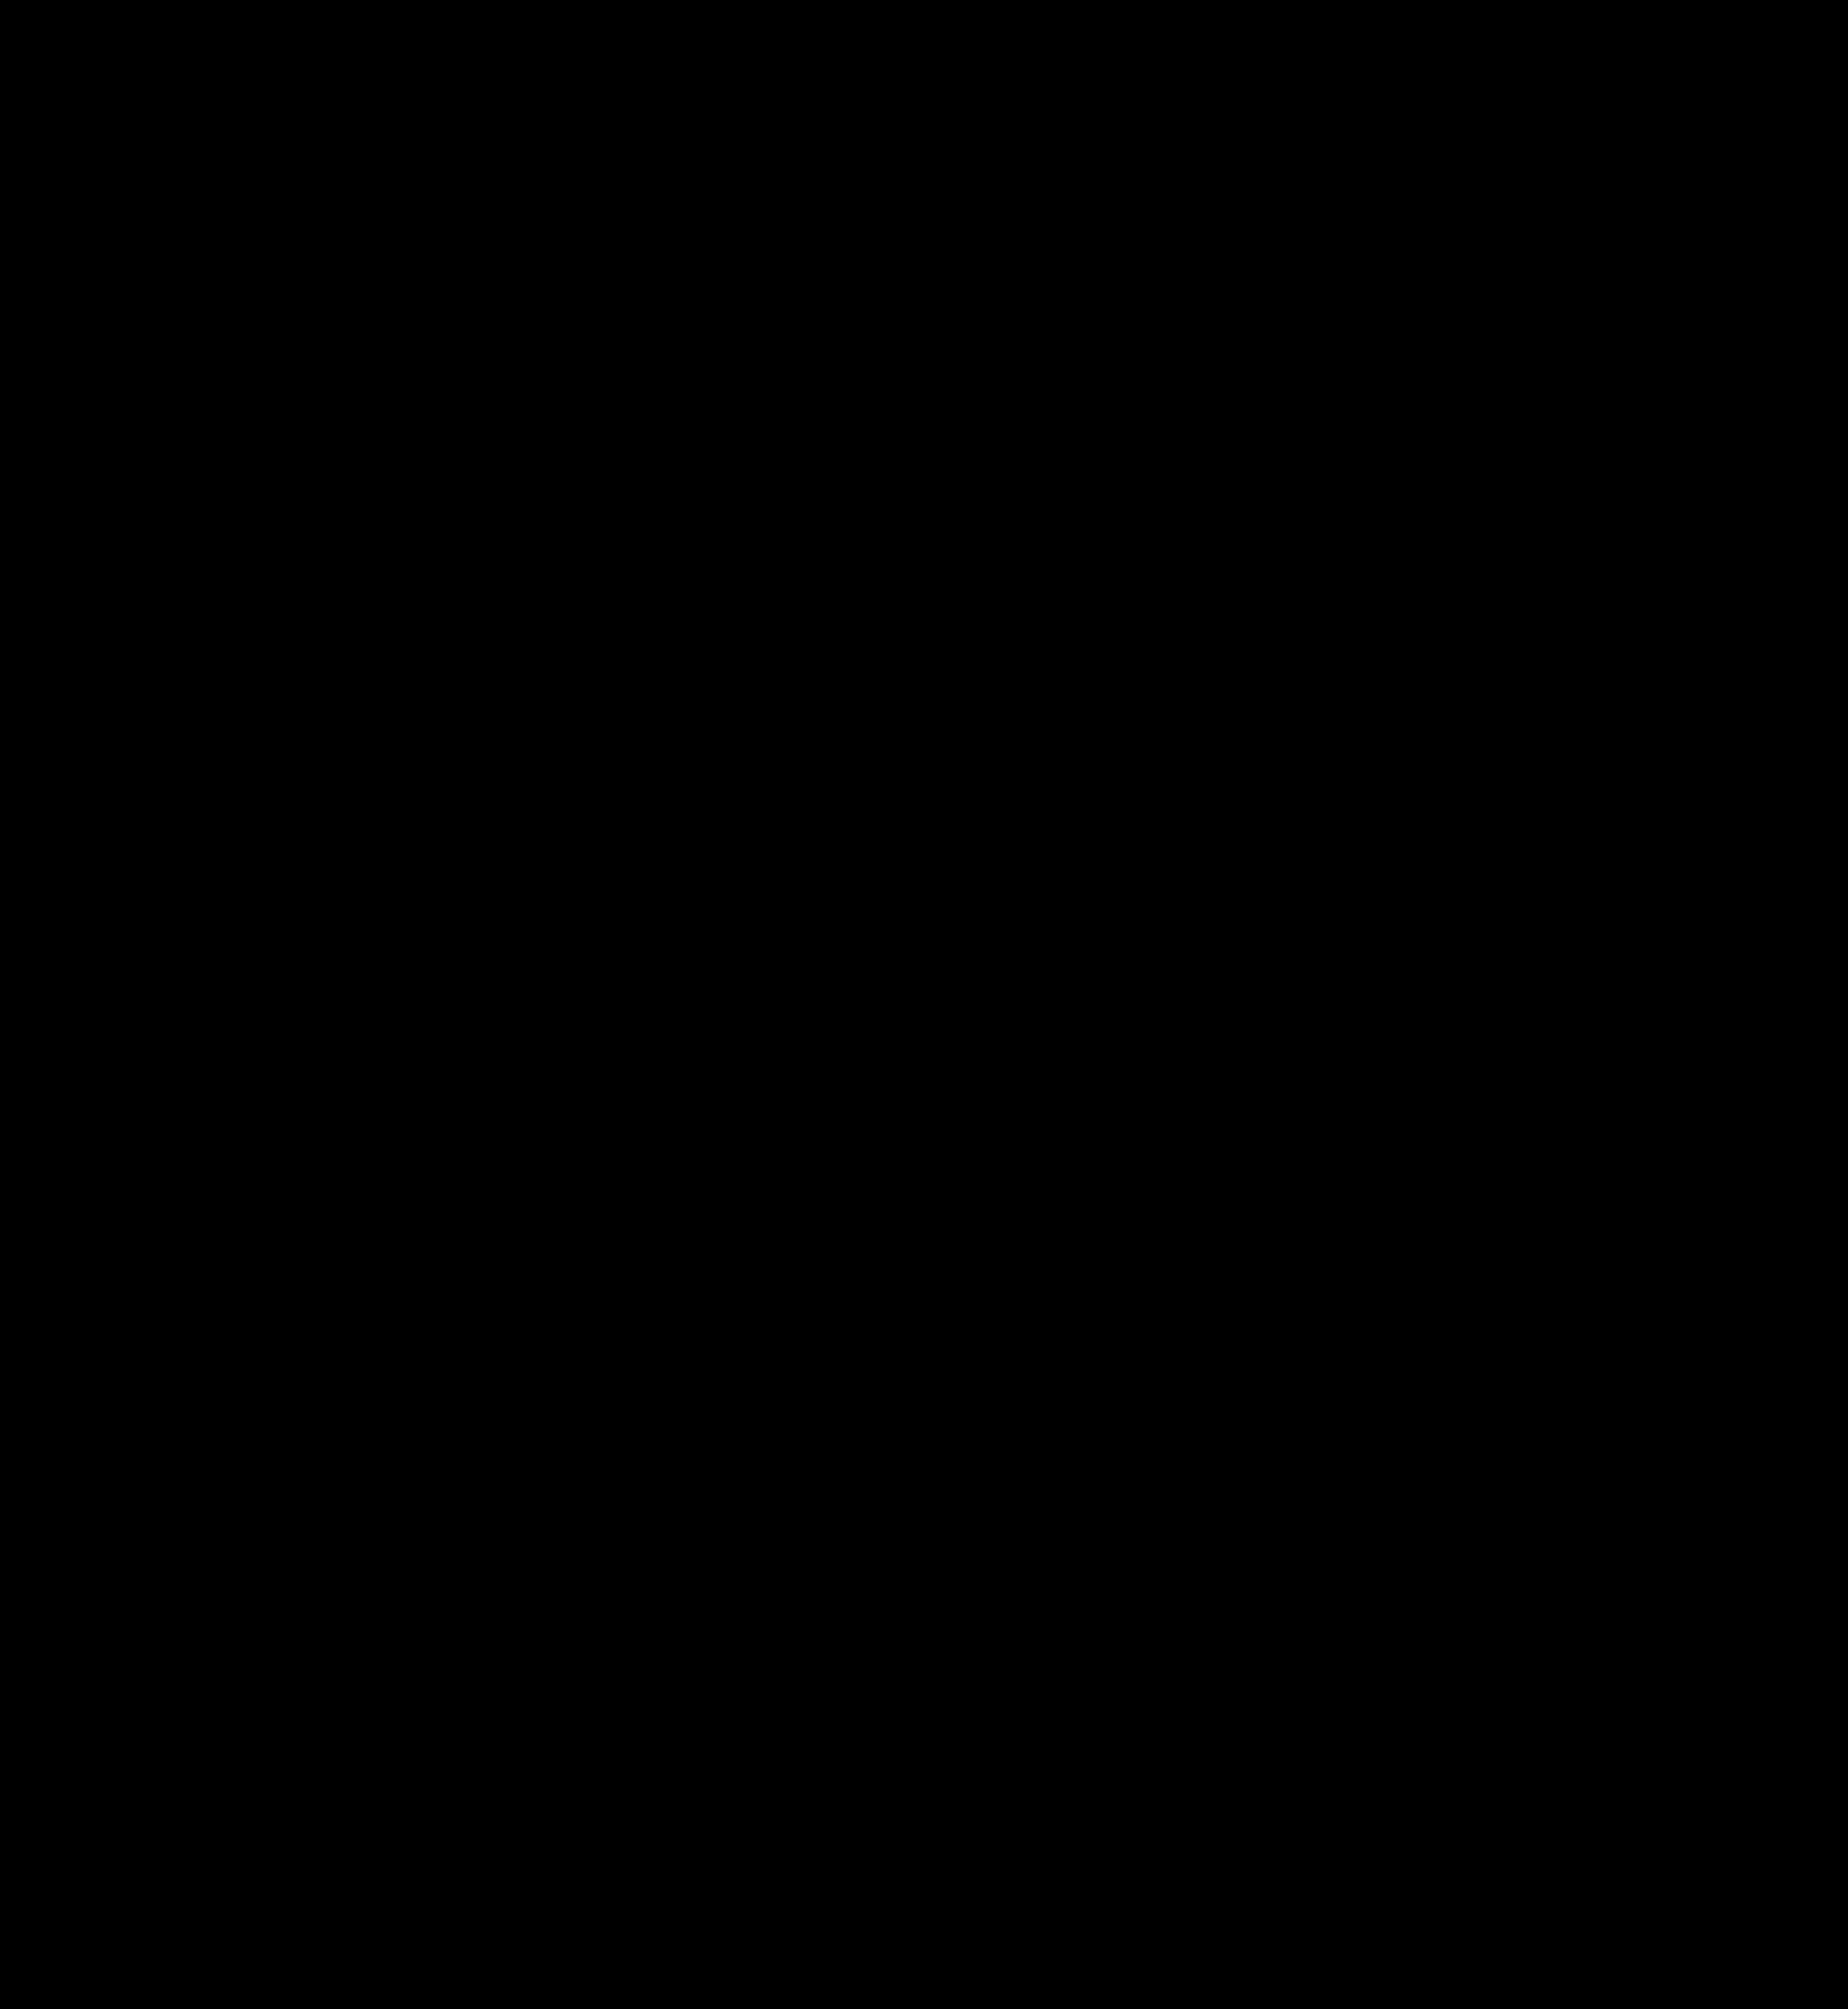 Maschinenkreissägebänder für Bandsägen bei METZLER